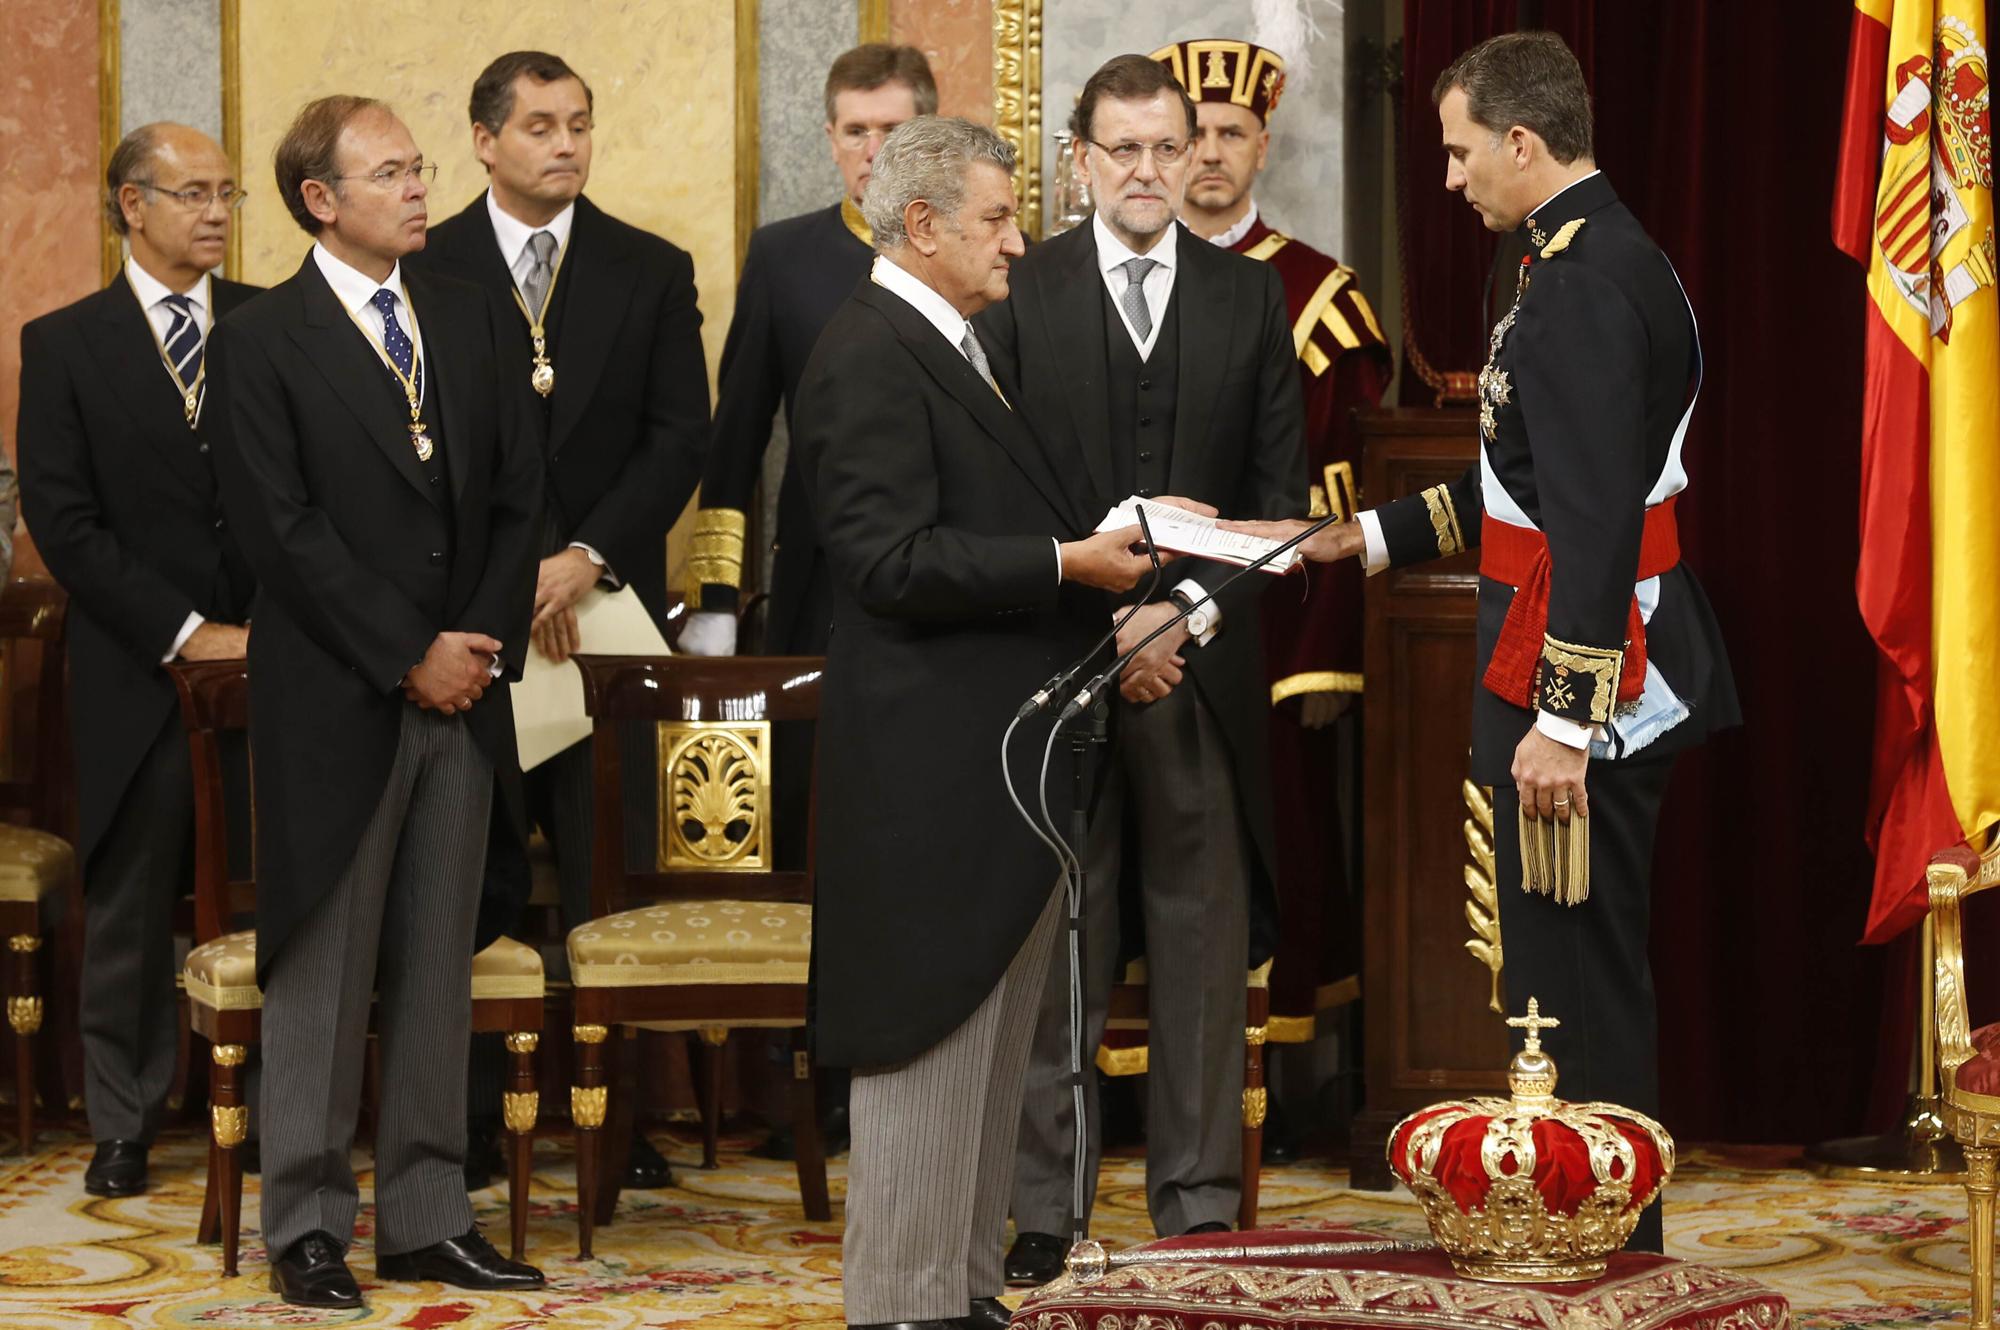 Proclamación de Felipe VI - Wikipedia, la enciclopedia libre